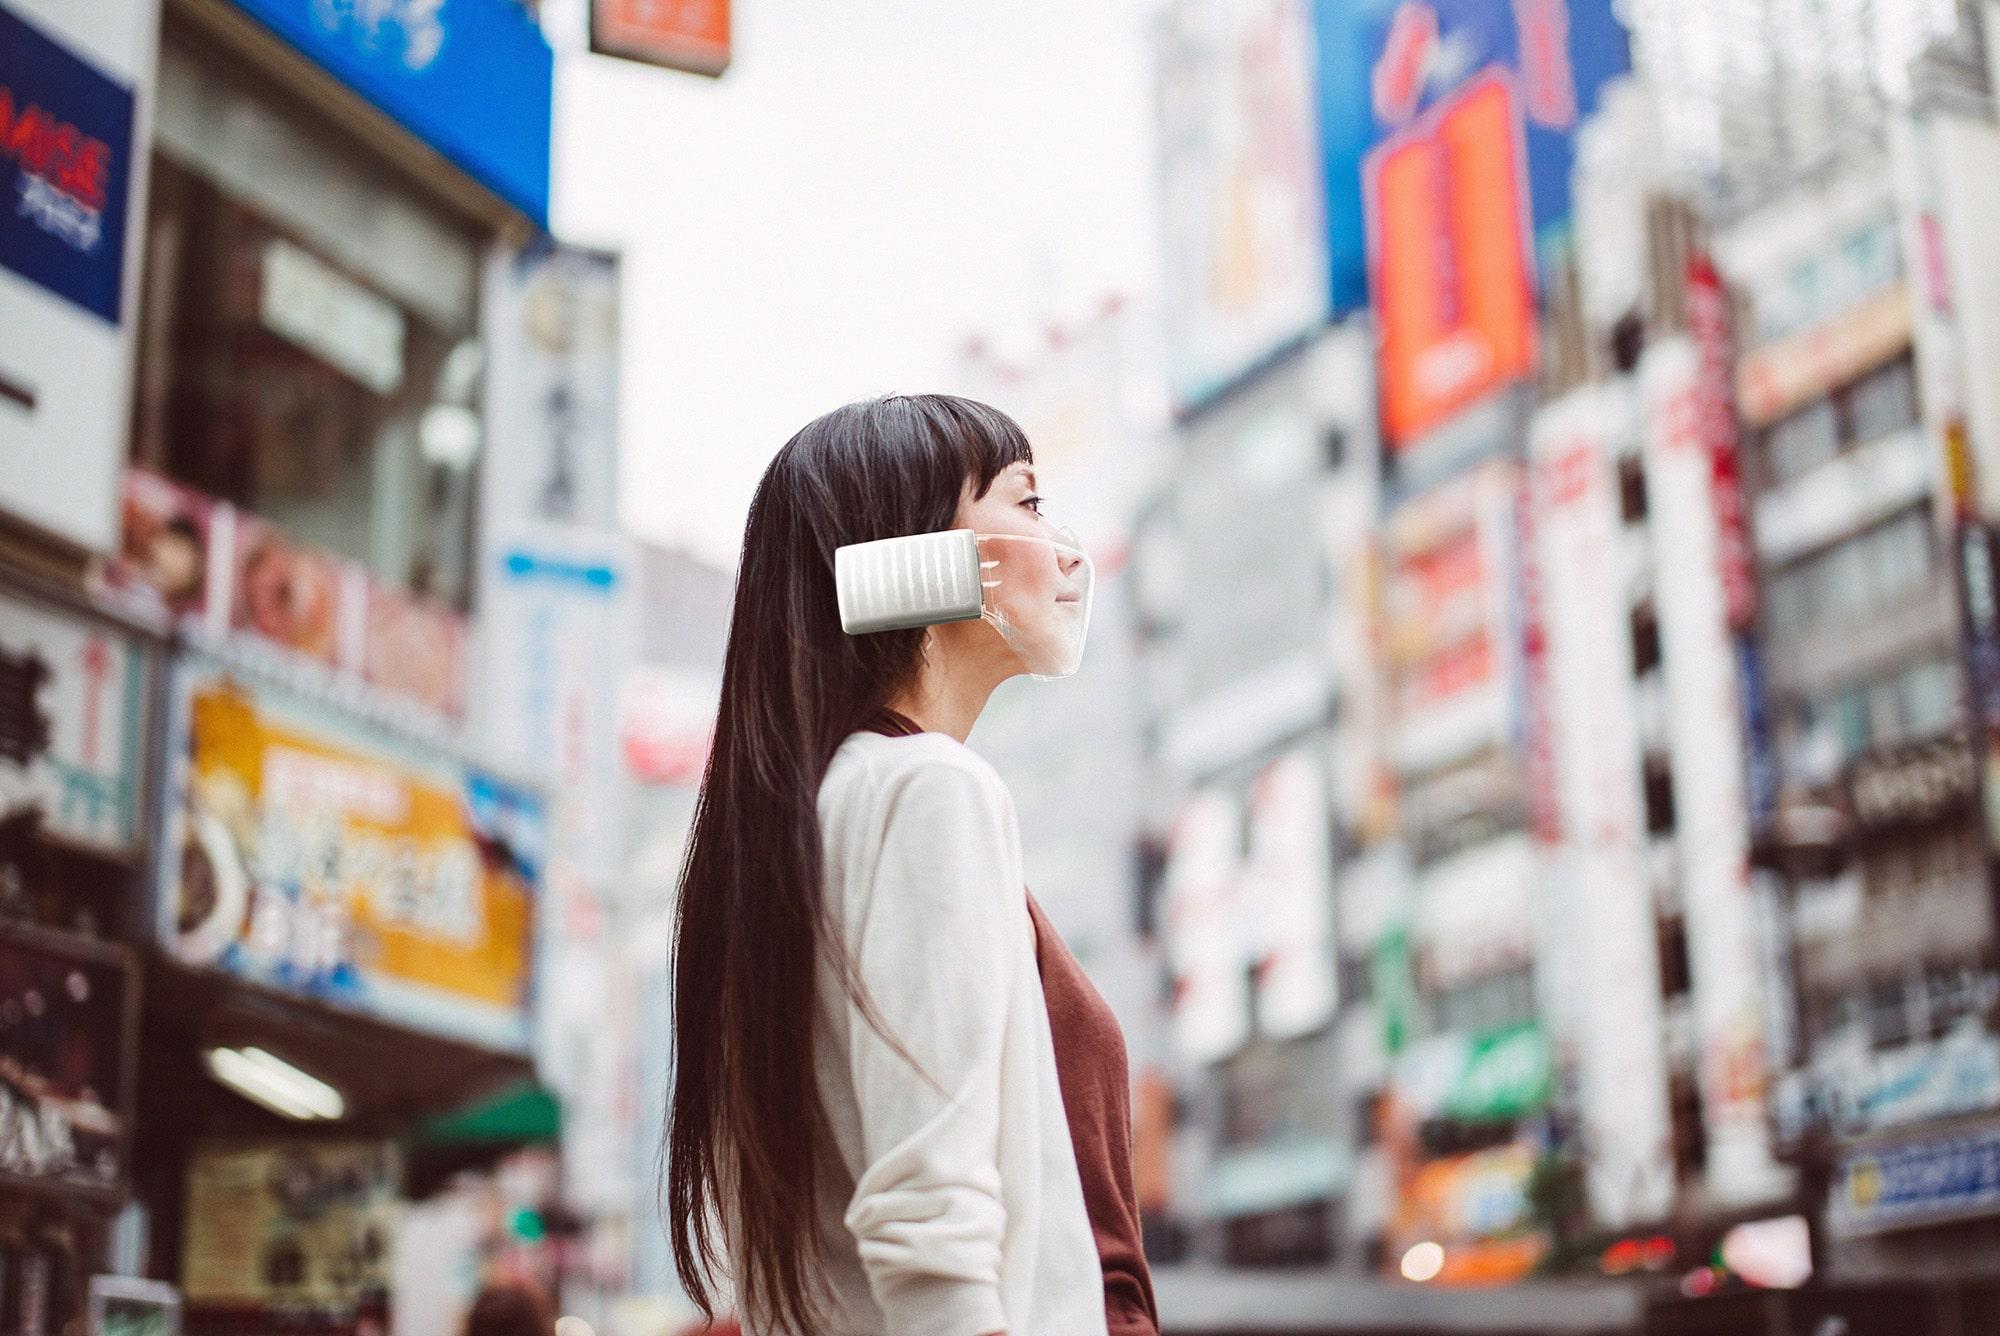 O2O2 facewear girl city